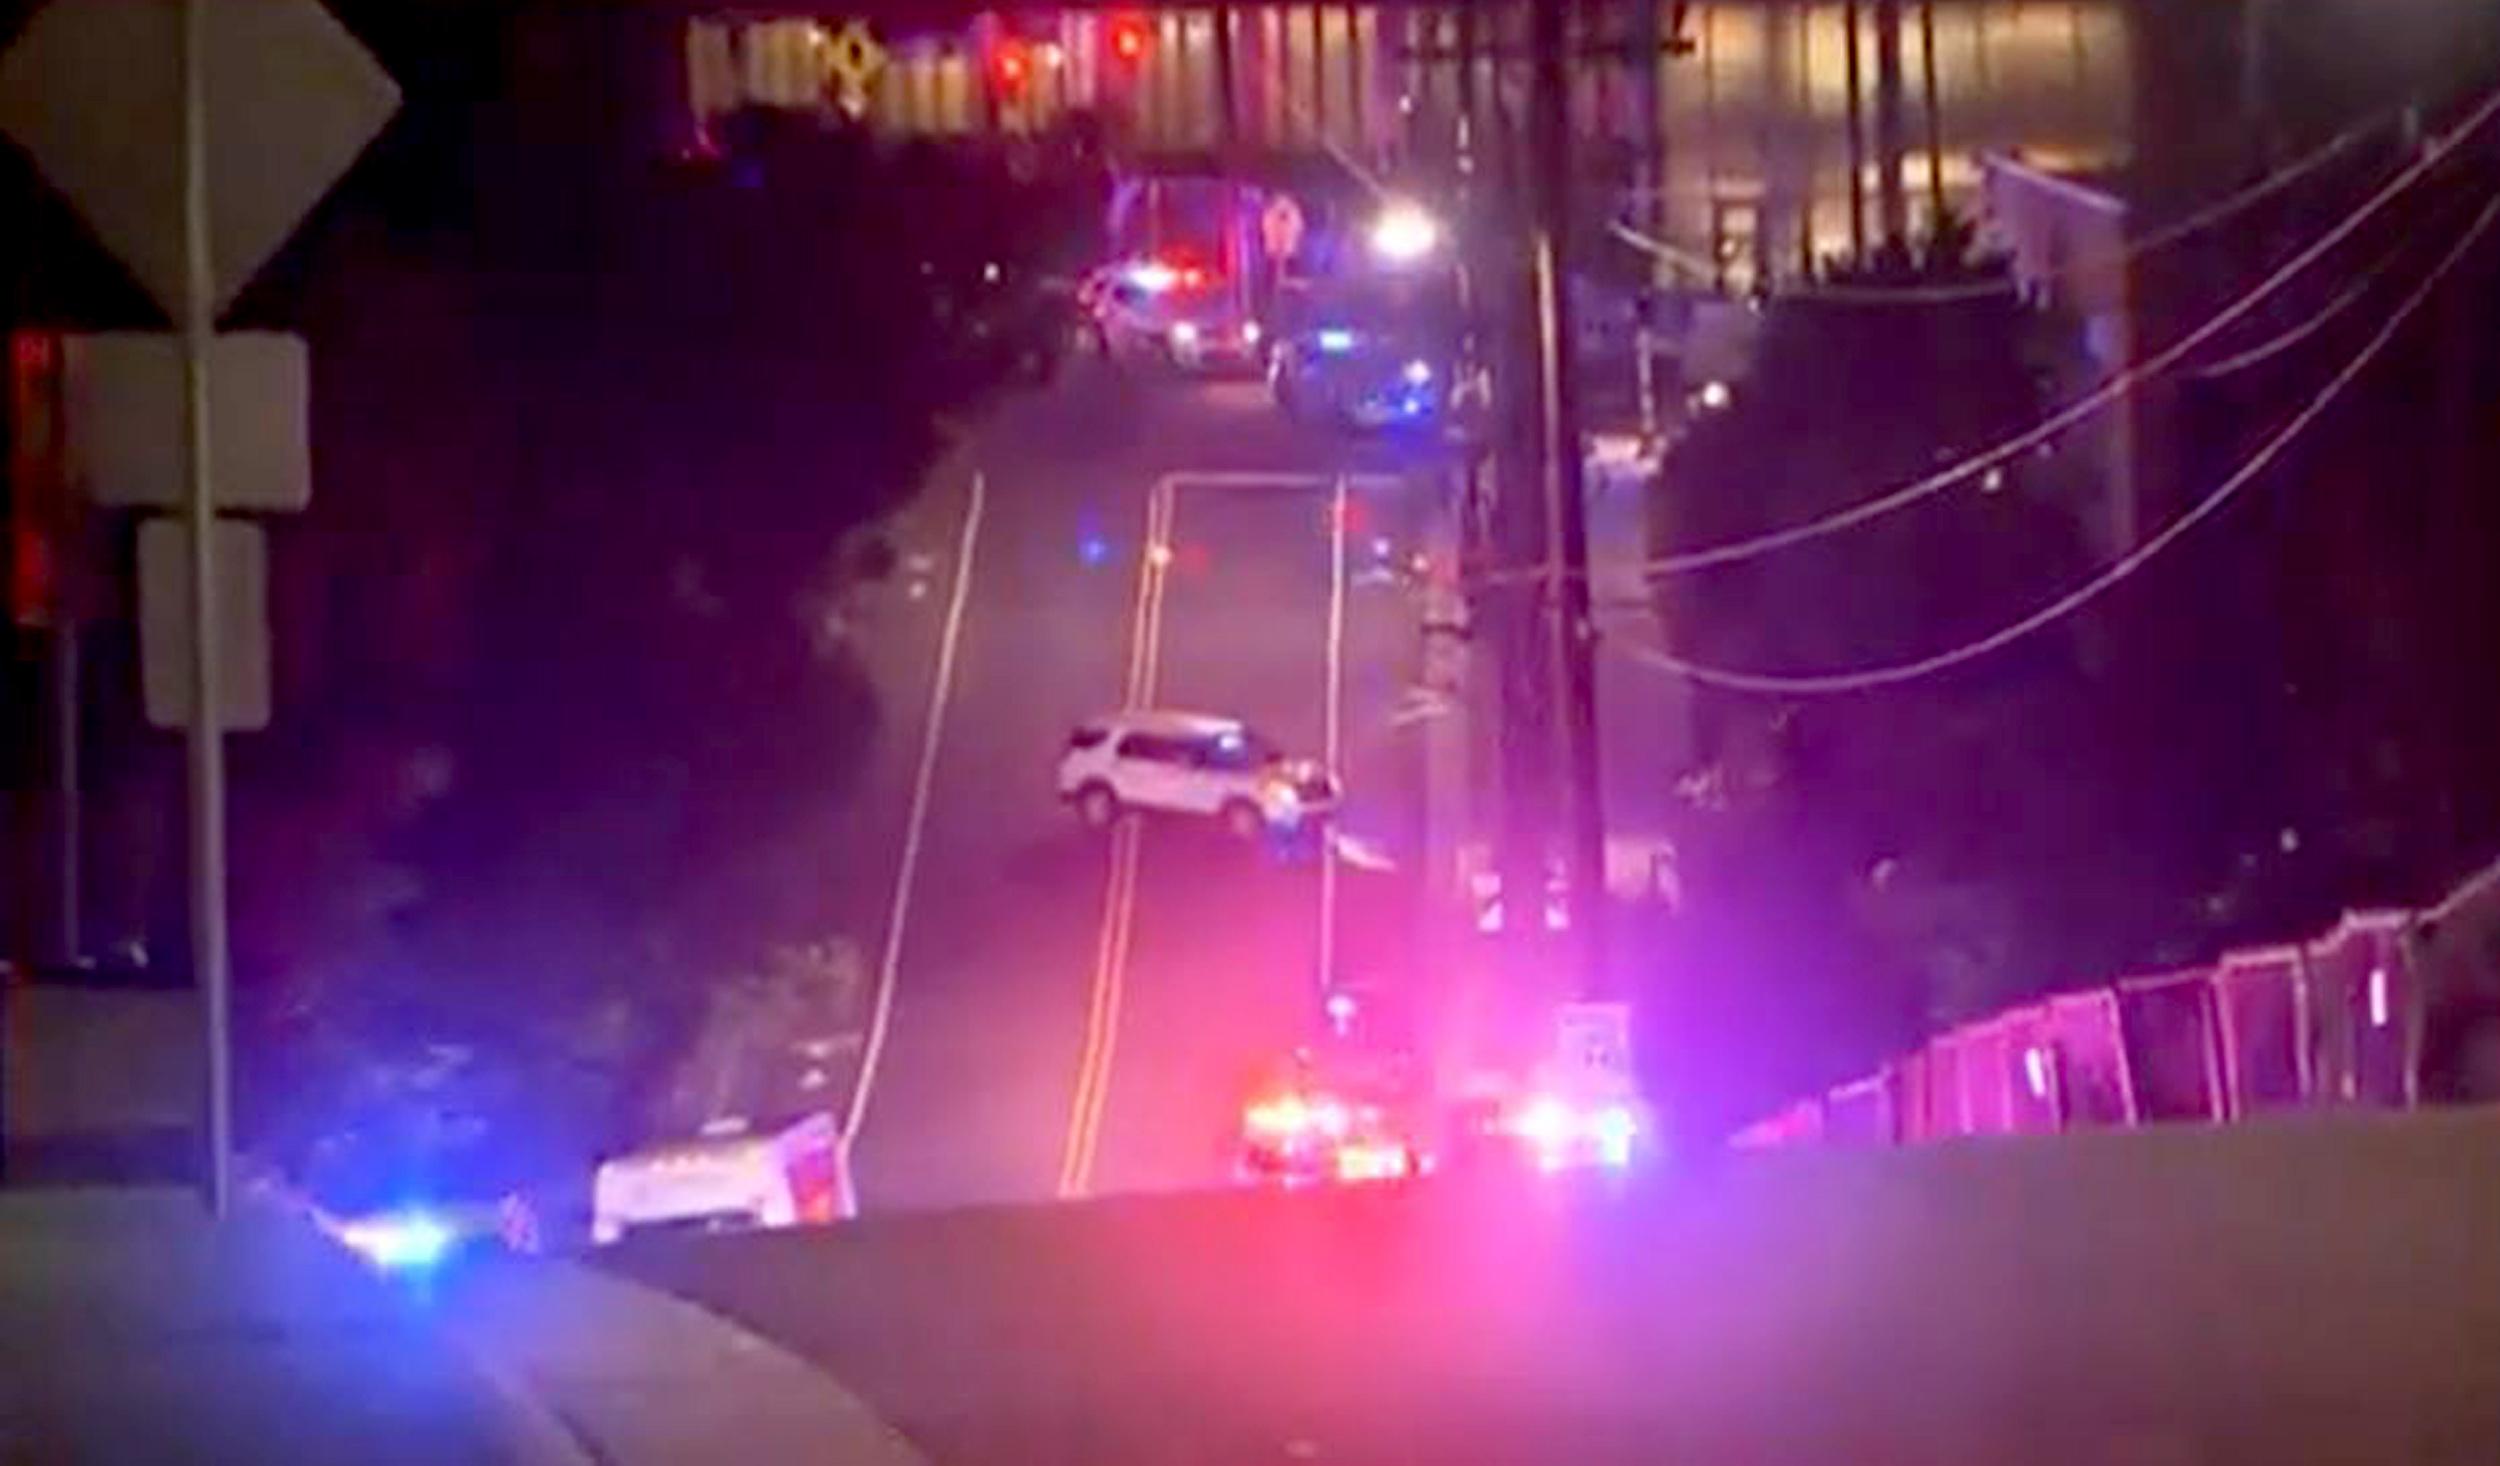 2 fatally shot at North Carolina Central University